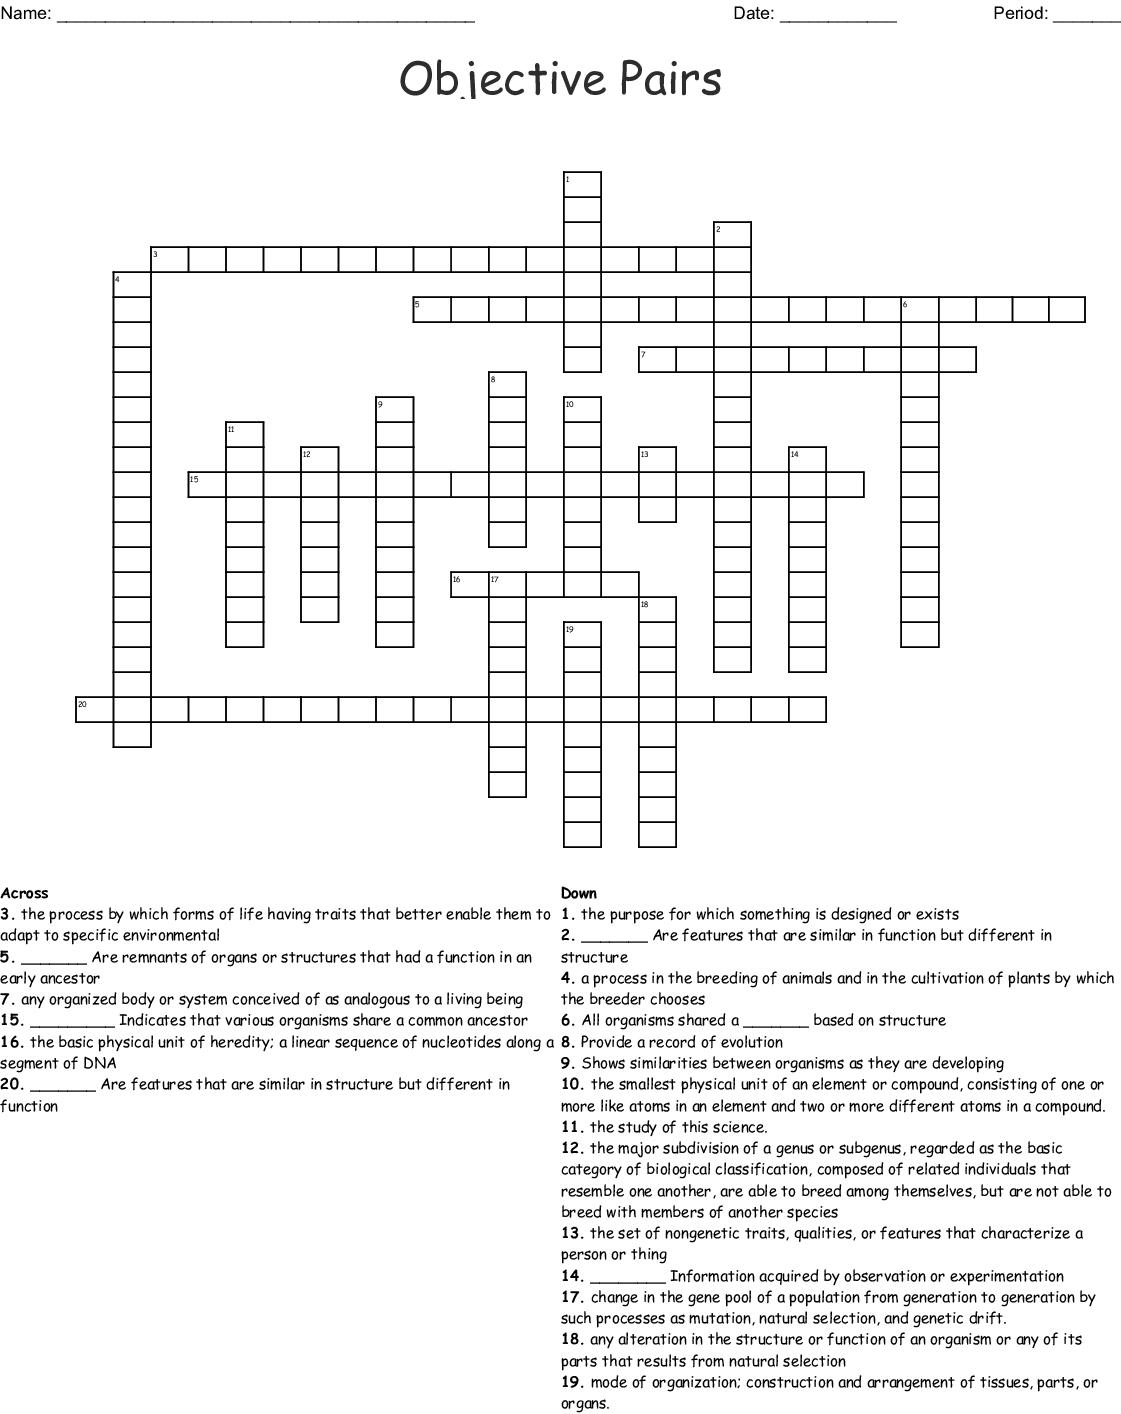 Objective Pairs Crossword